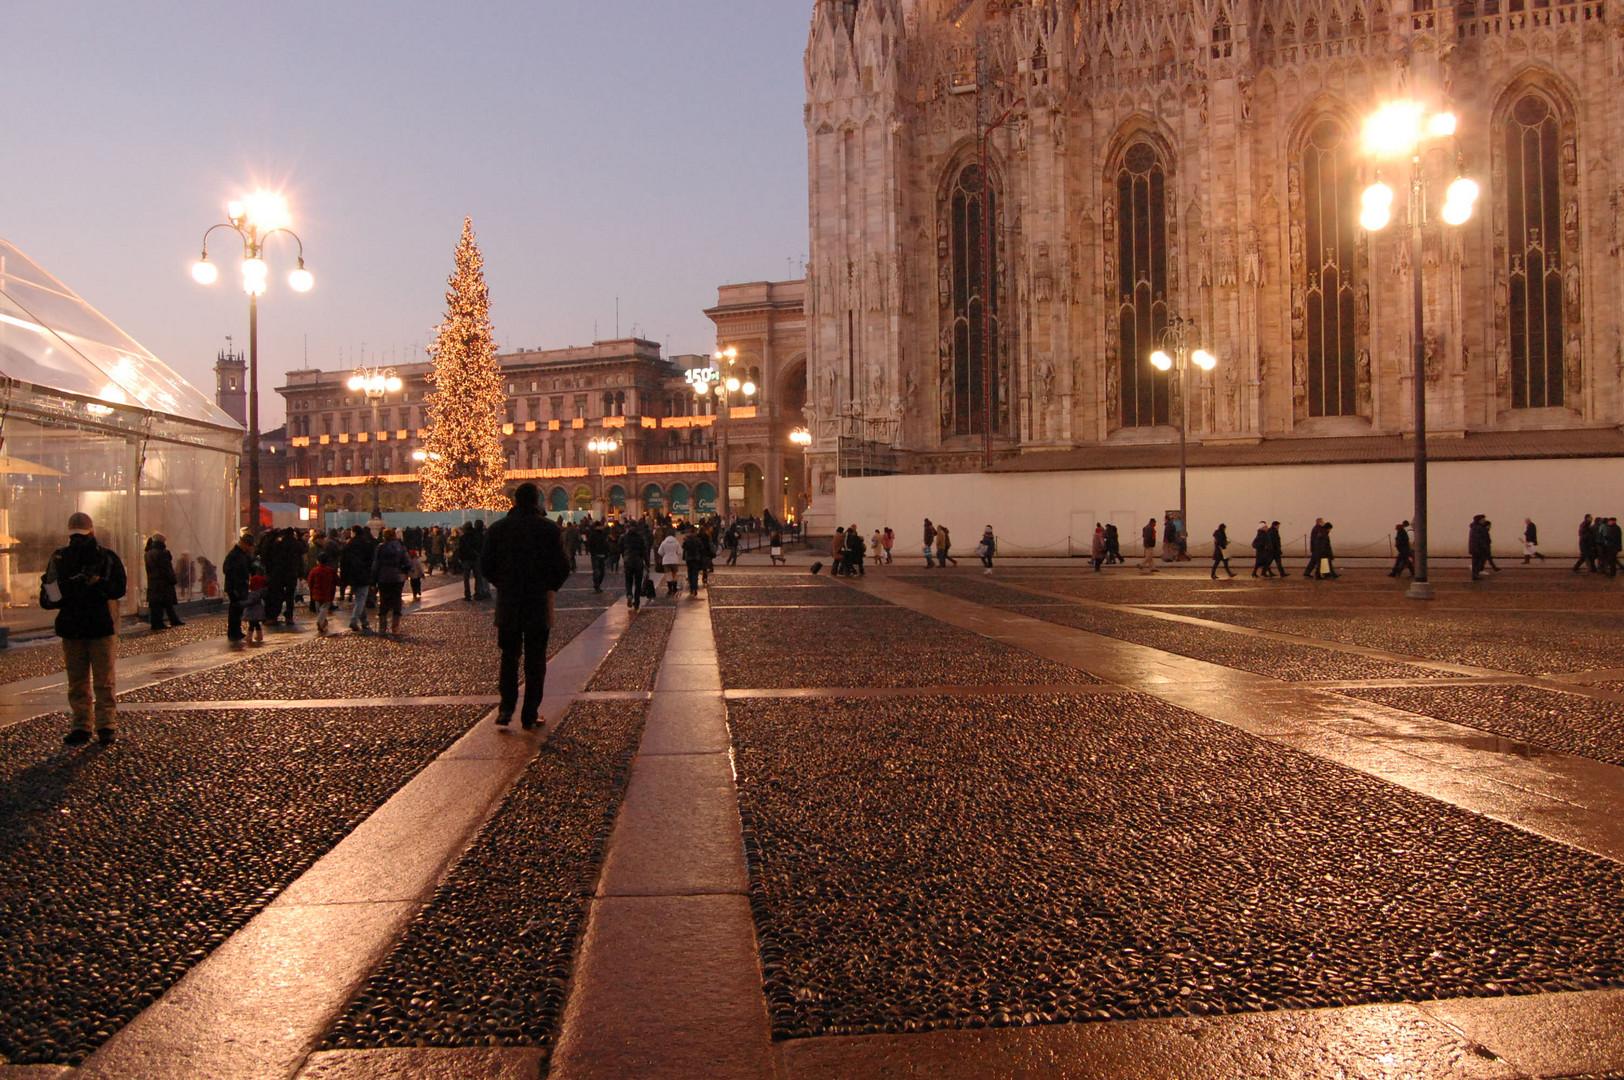 La strada del Natale